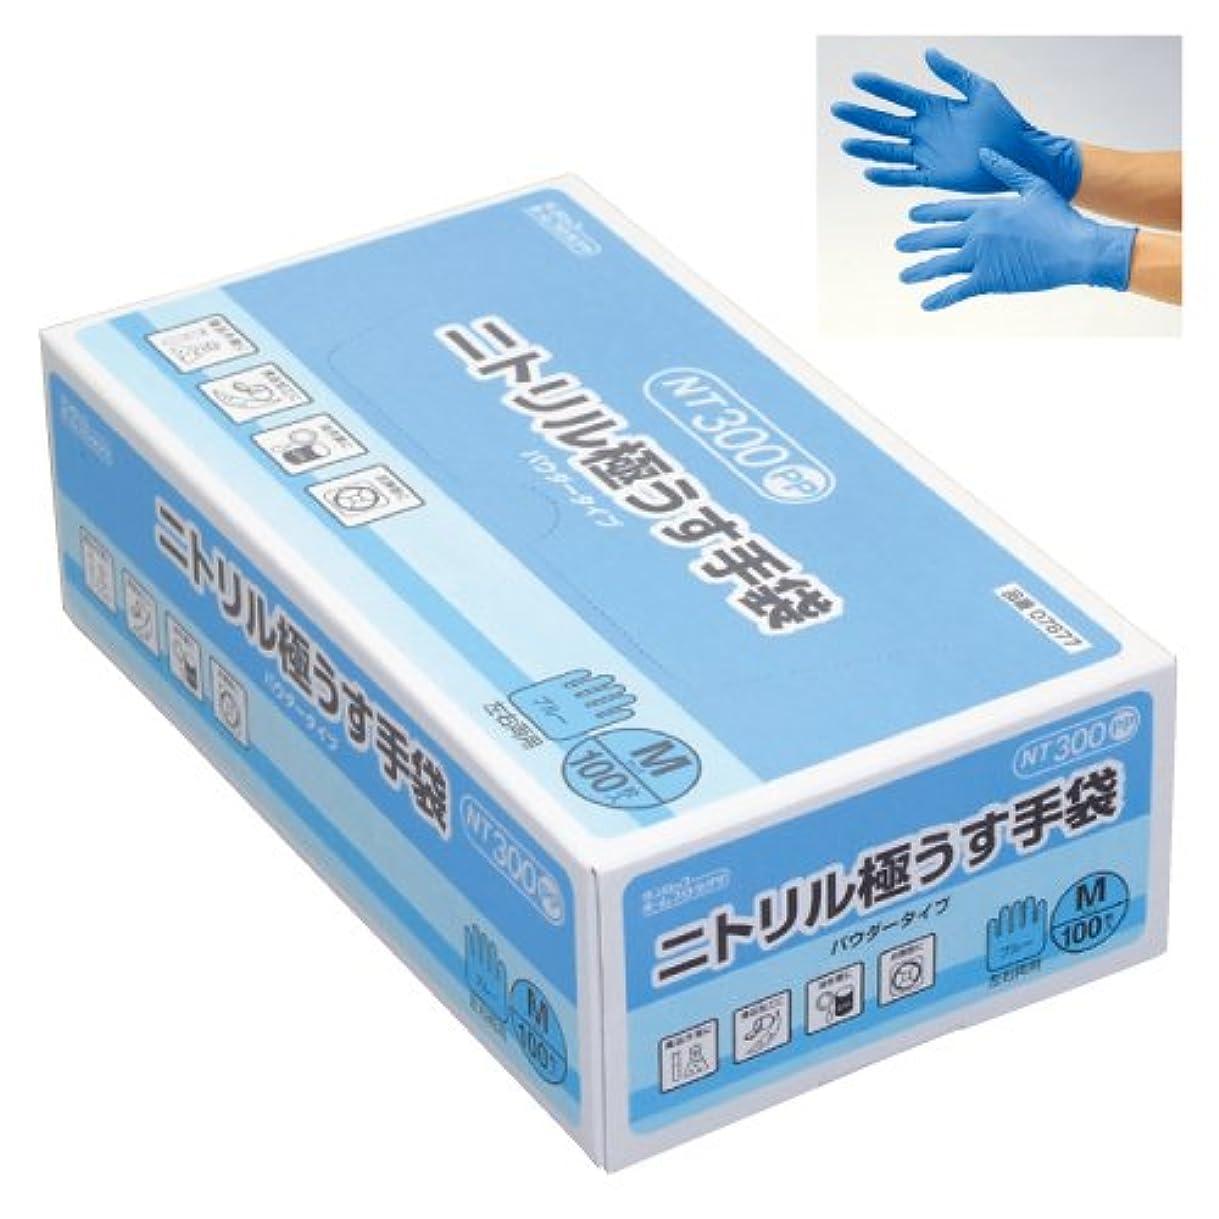 比喩もっと信号ニトリル極うす手袋 NT300 (23-6073-01)